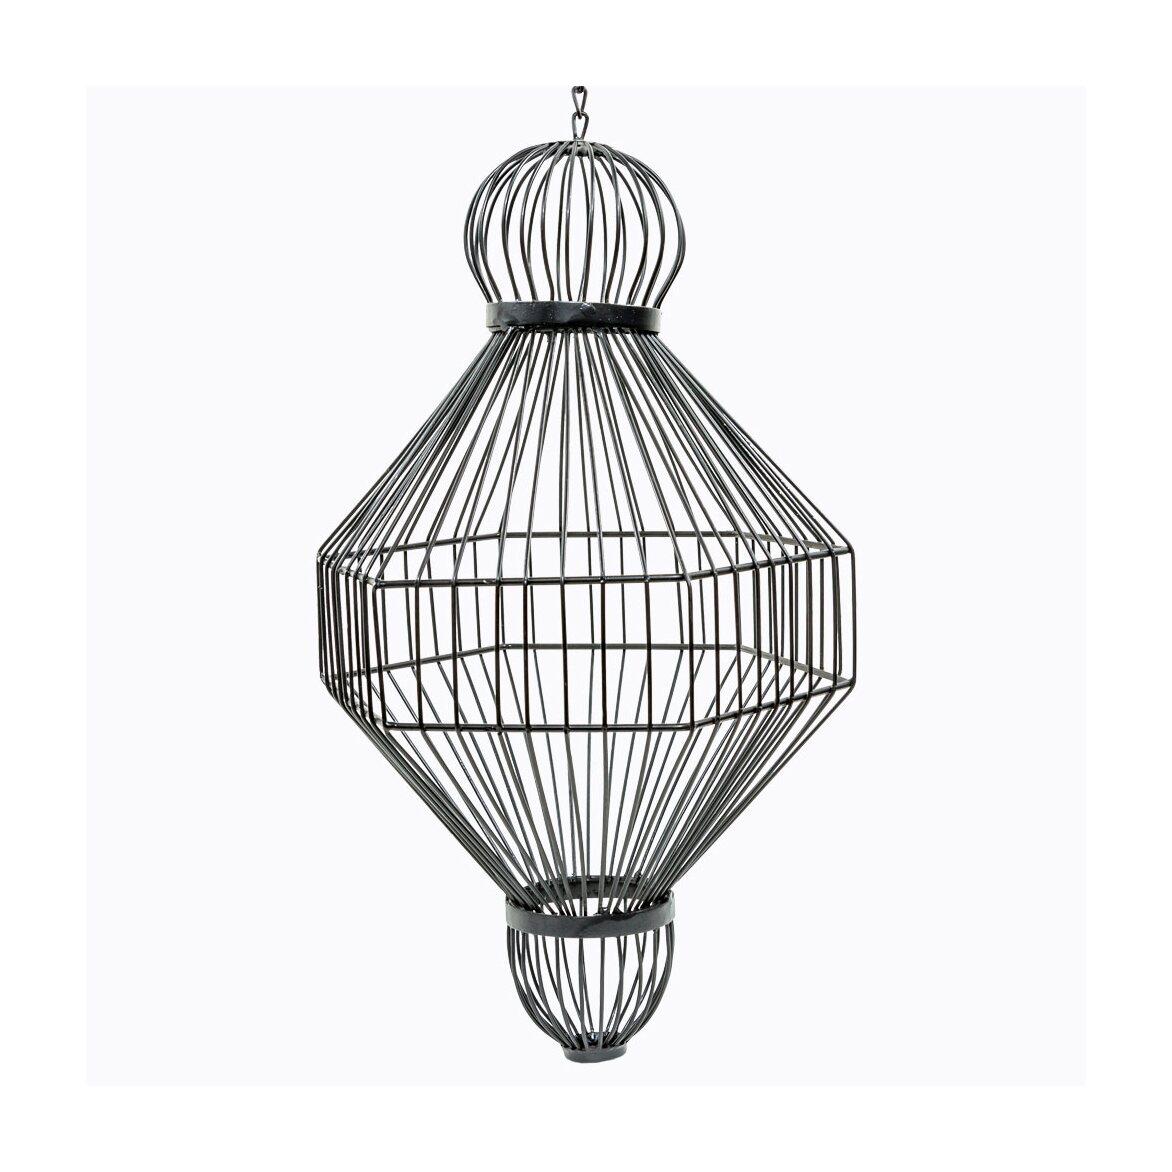 Декоративный подвесной элемент «Фонарь №2» | Декор Kingsby